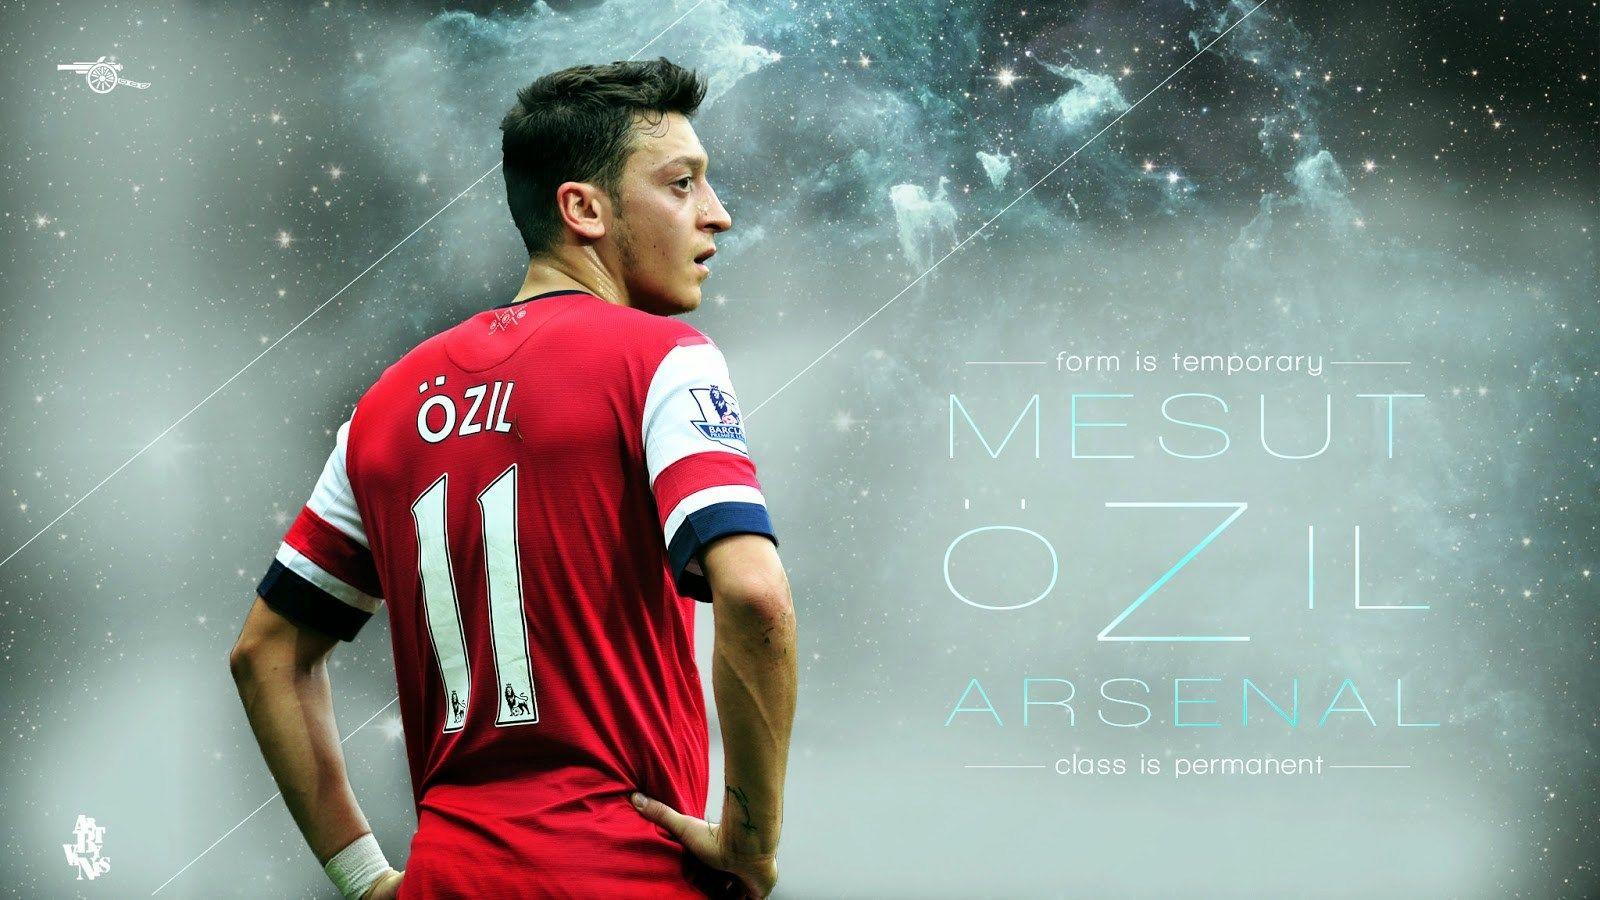 Mesut Ozil Arsenal Wallpaper Art By Vanis